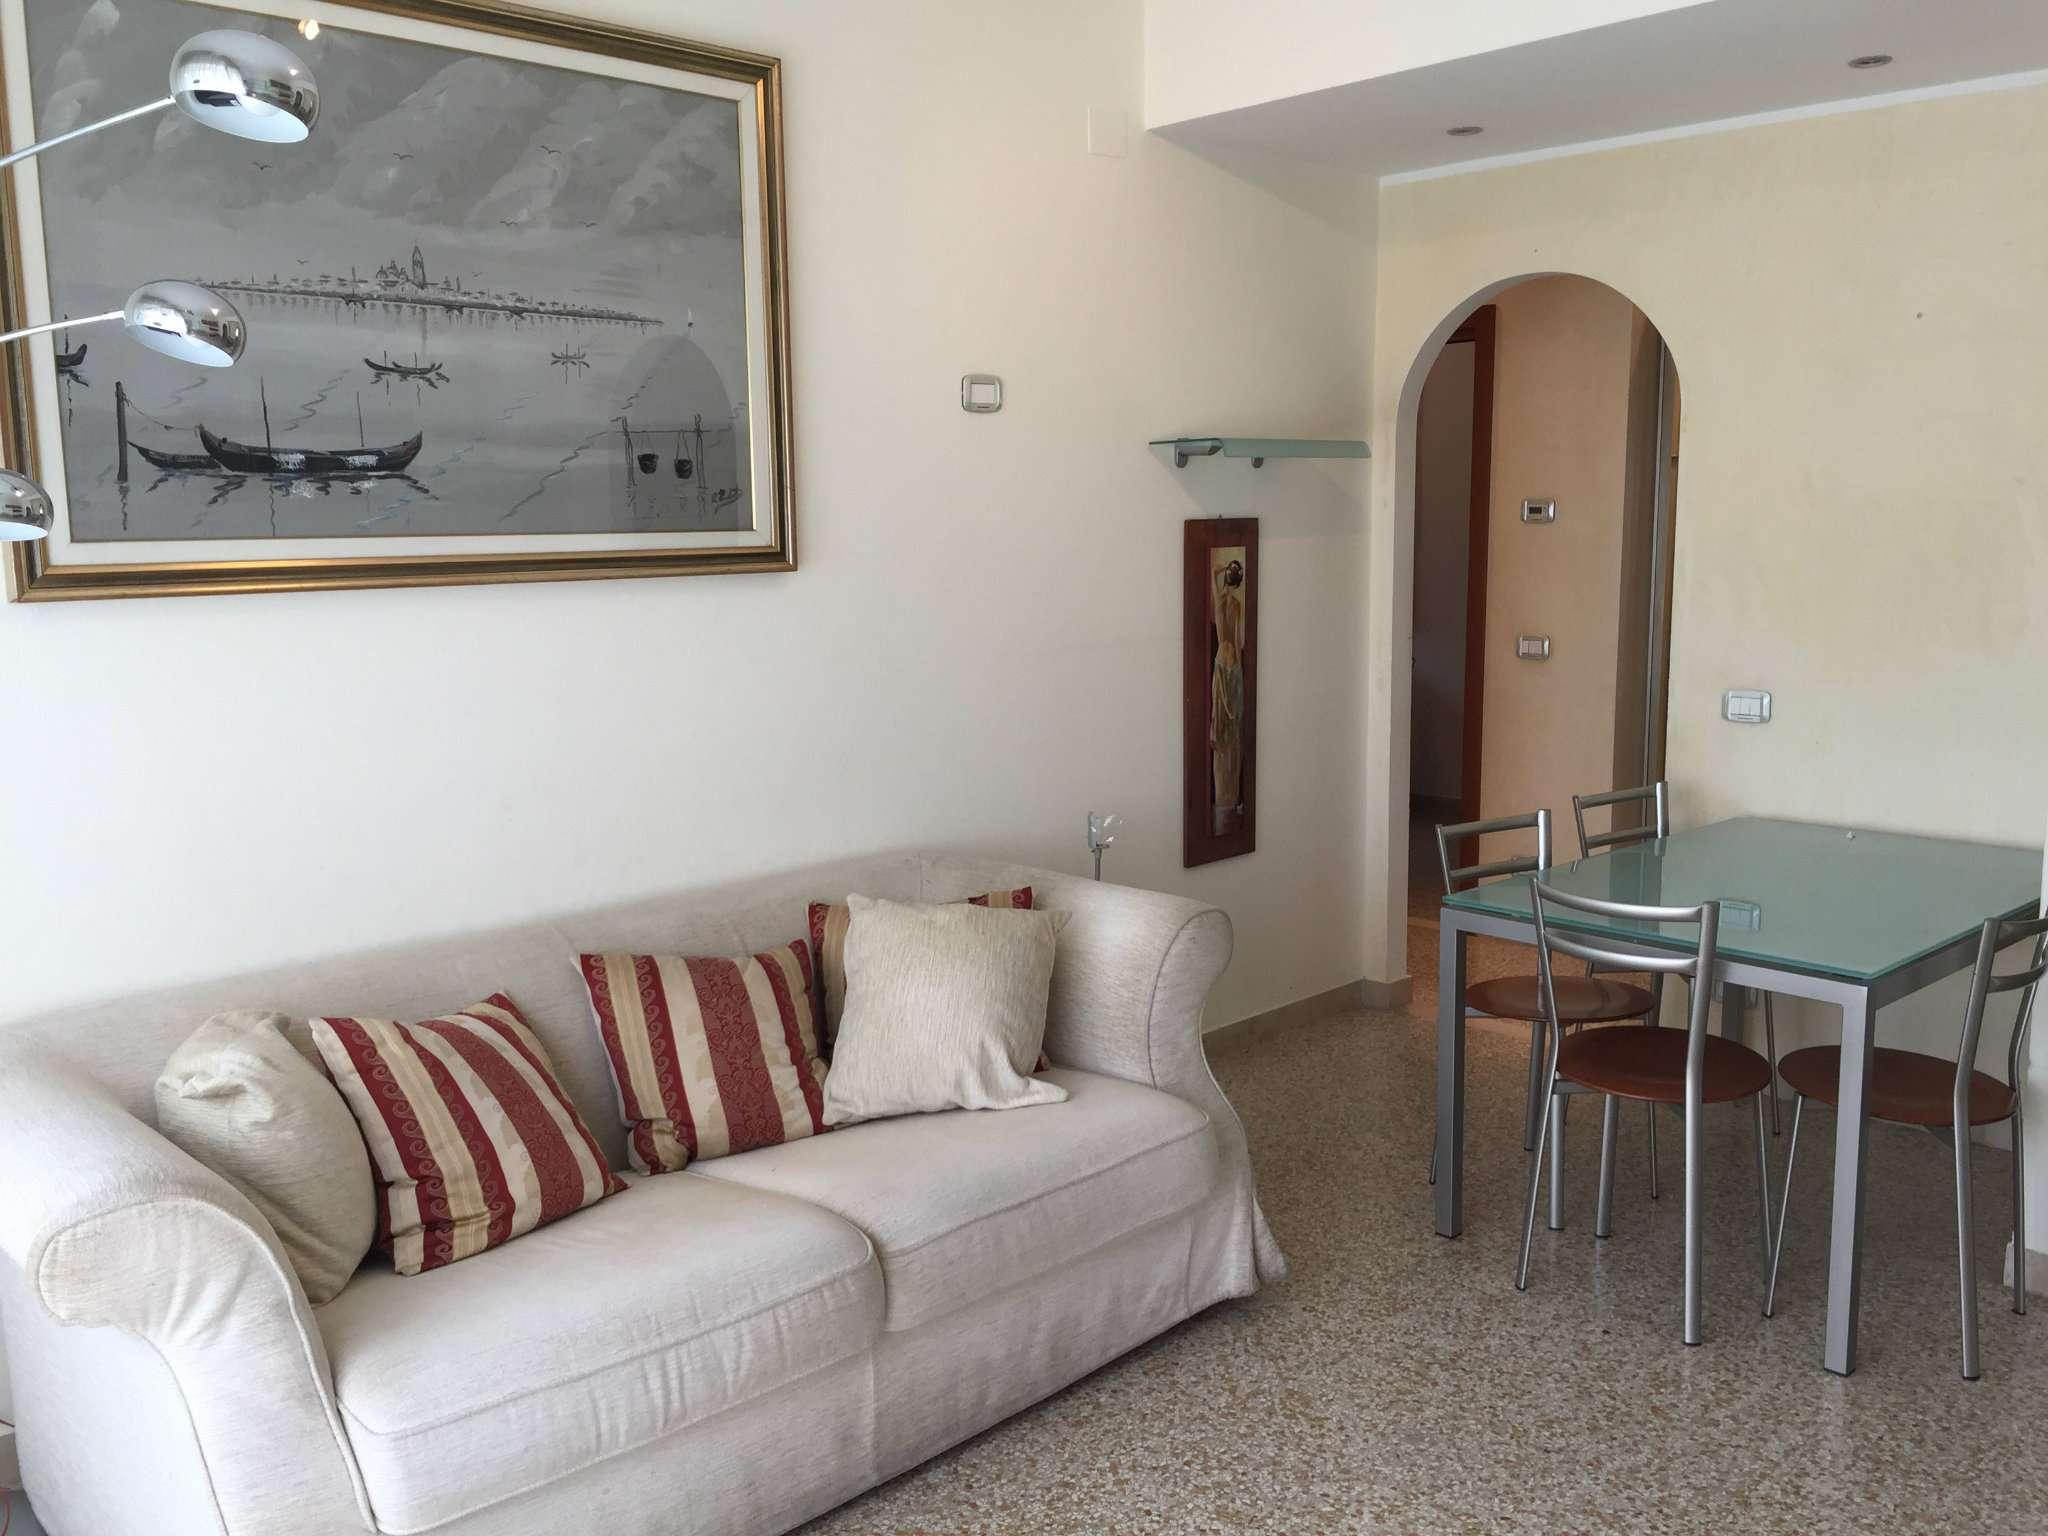 Appartamento in vendita a Venezia, 4 locali, zona Zona: 14 . Favaro Veneto, prezzo € 116.000 | CambioCasa.it